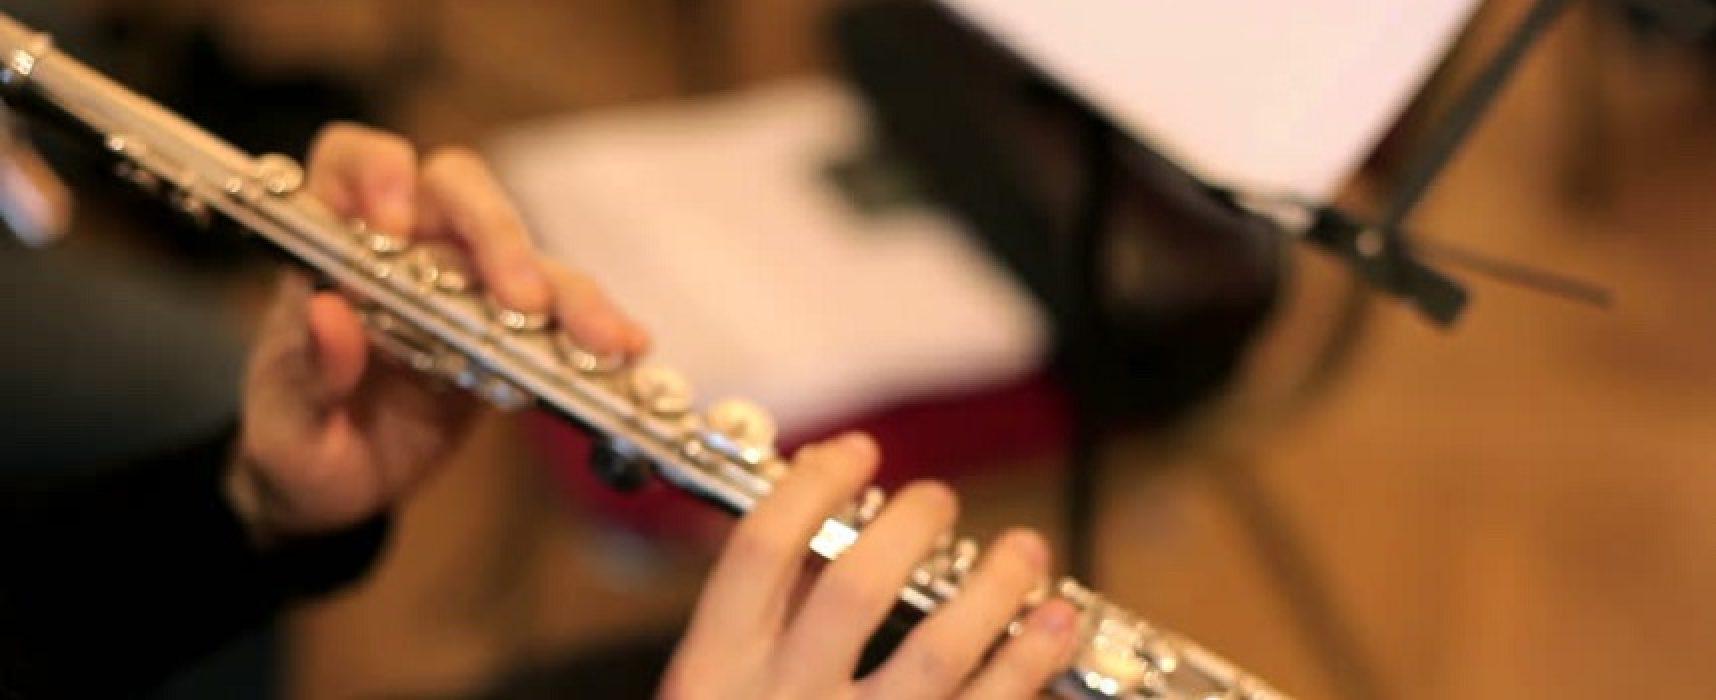 Il flautista Giuseppe Di Liddo stasera al Circolo Unione per presentare il suo nuovo disco